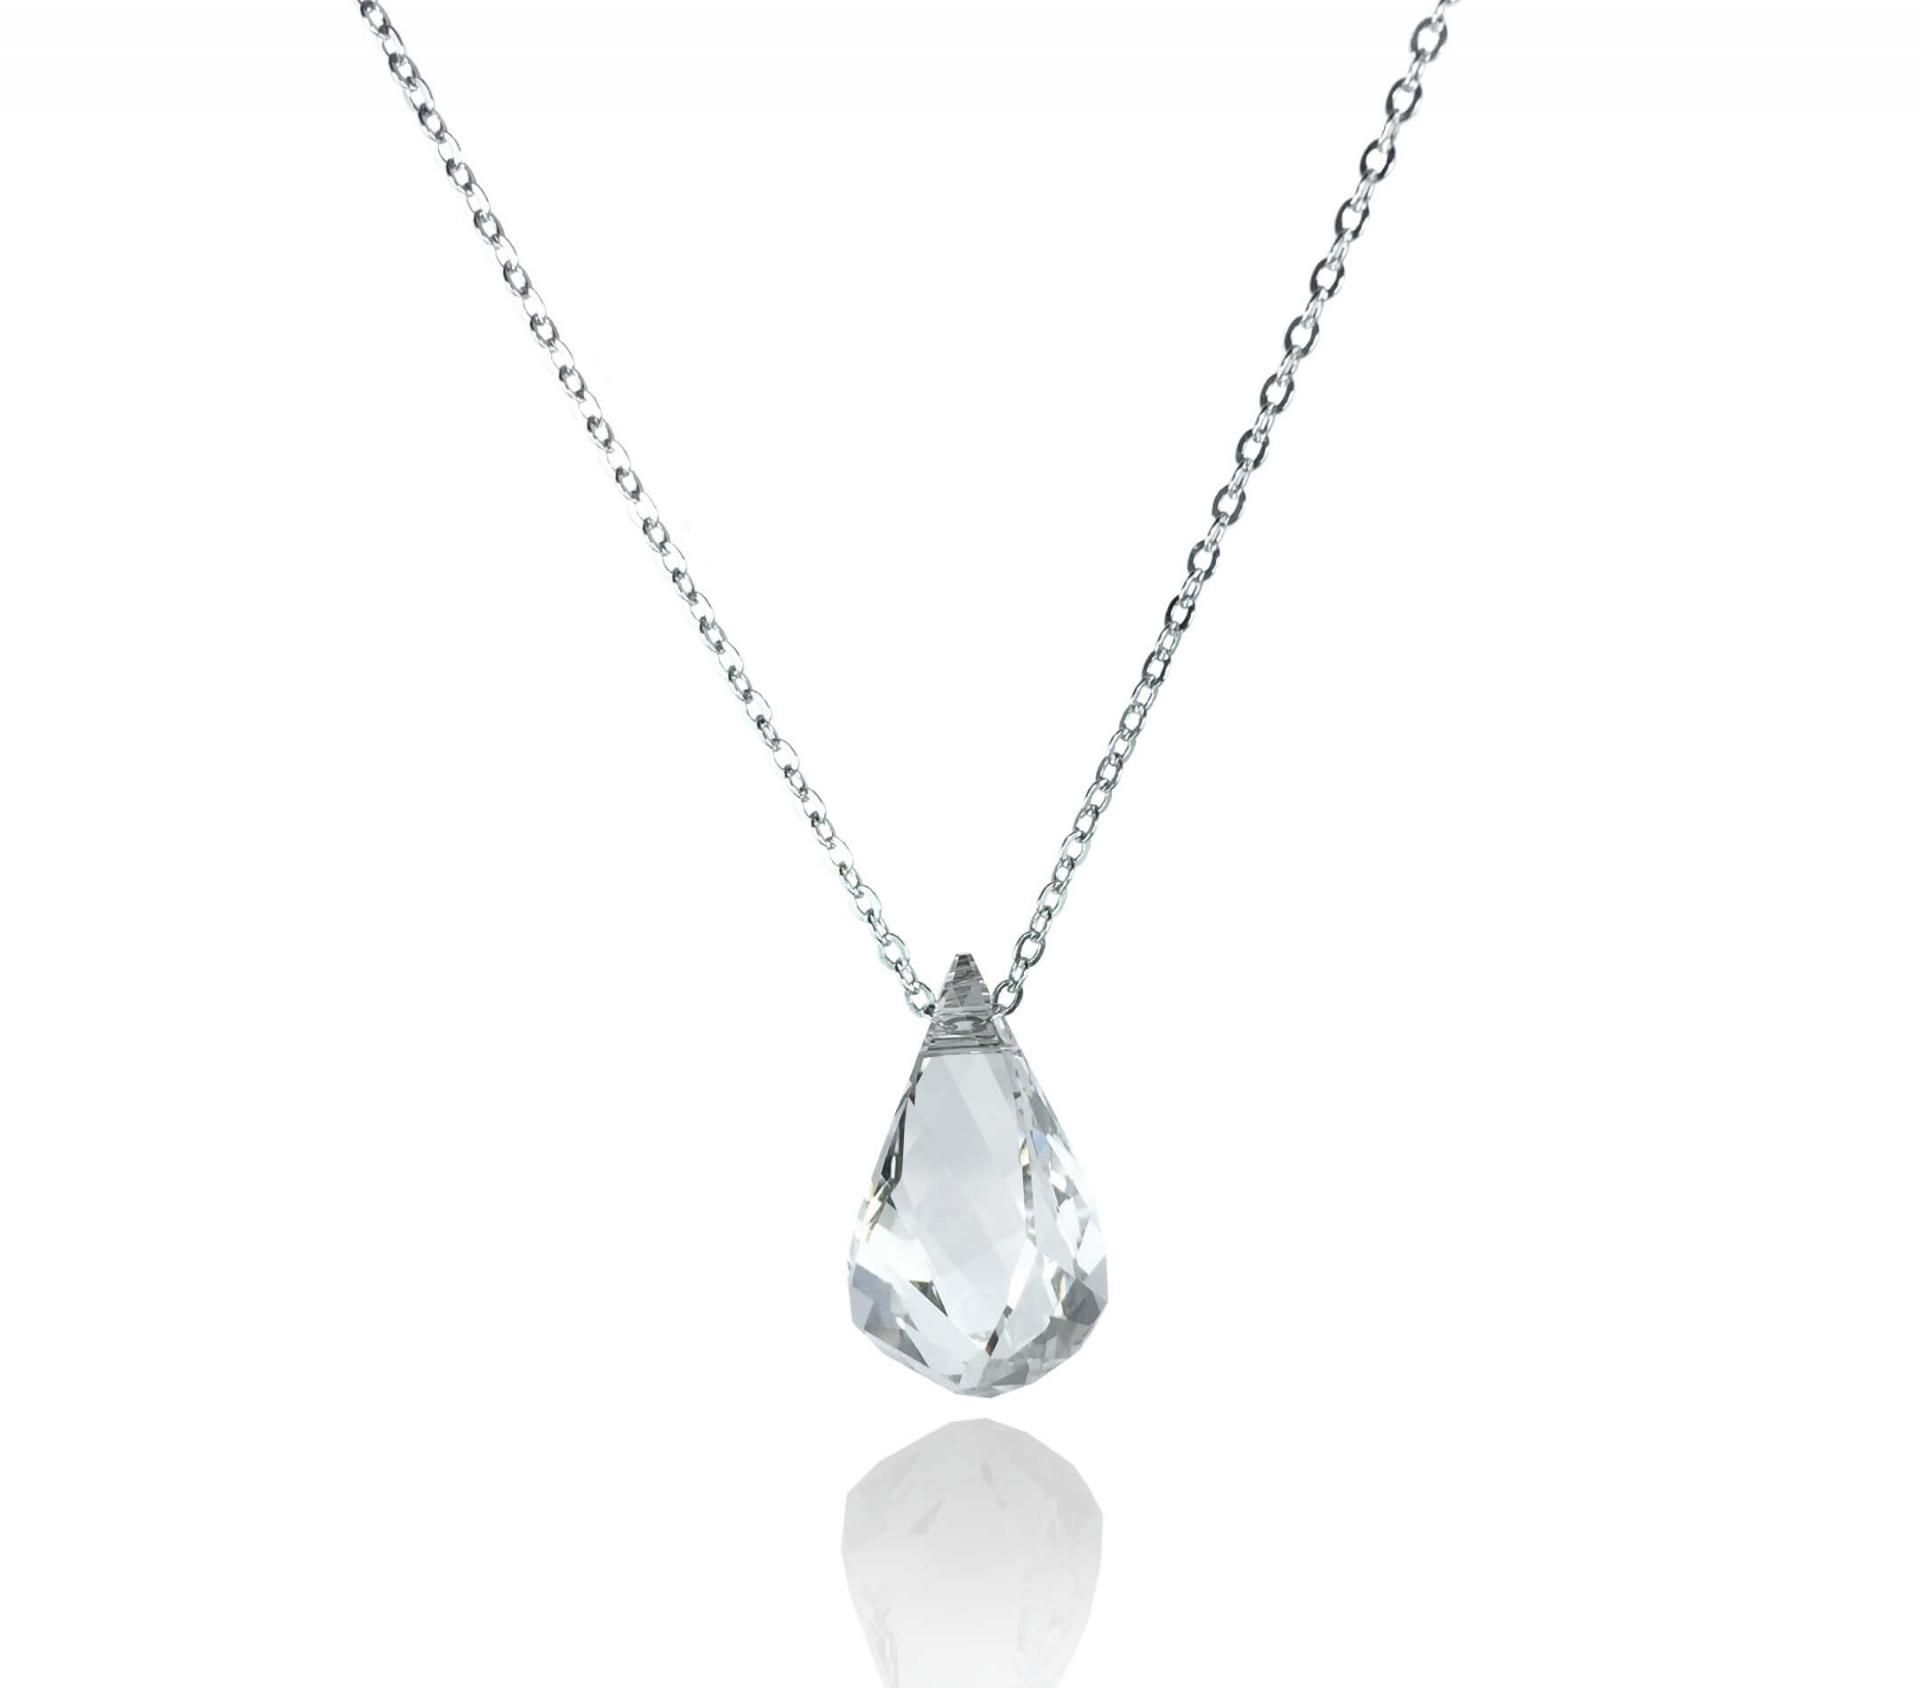 Helix nude silver pendentif juliapilot